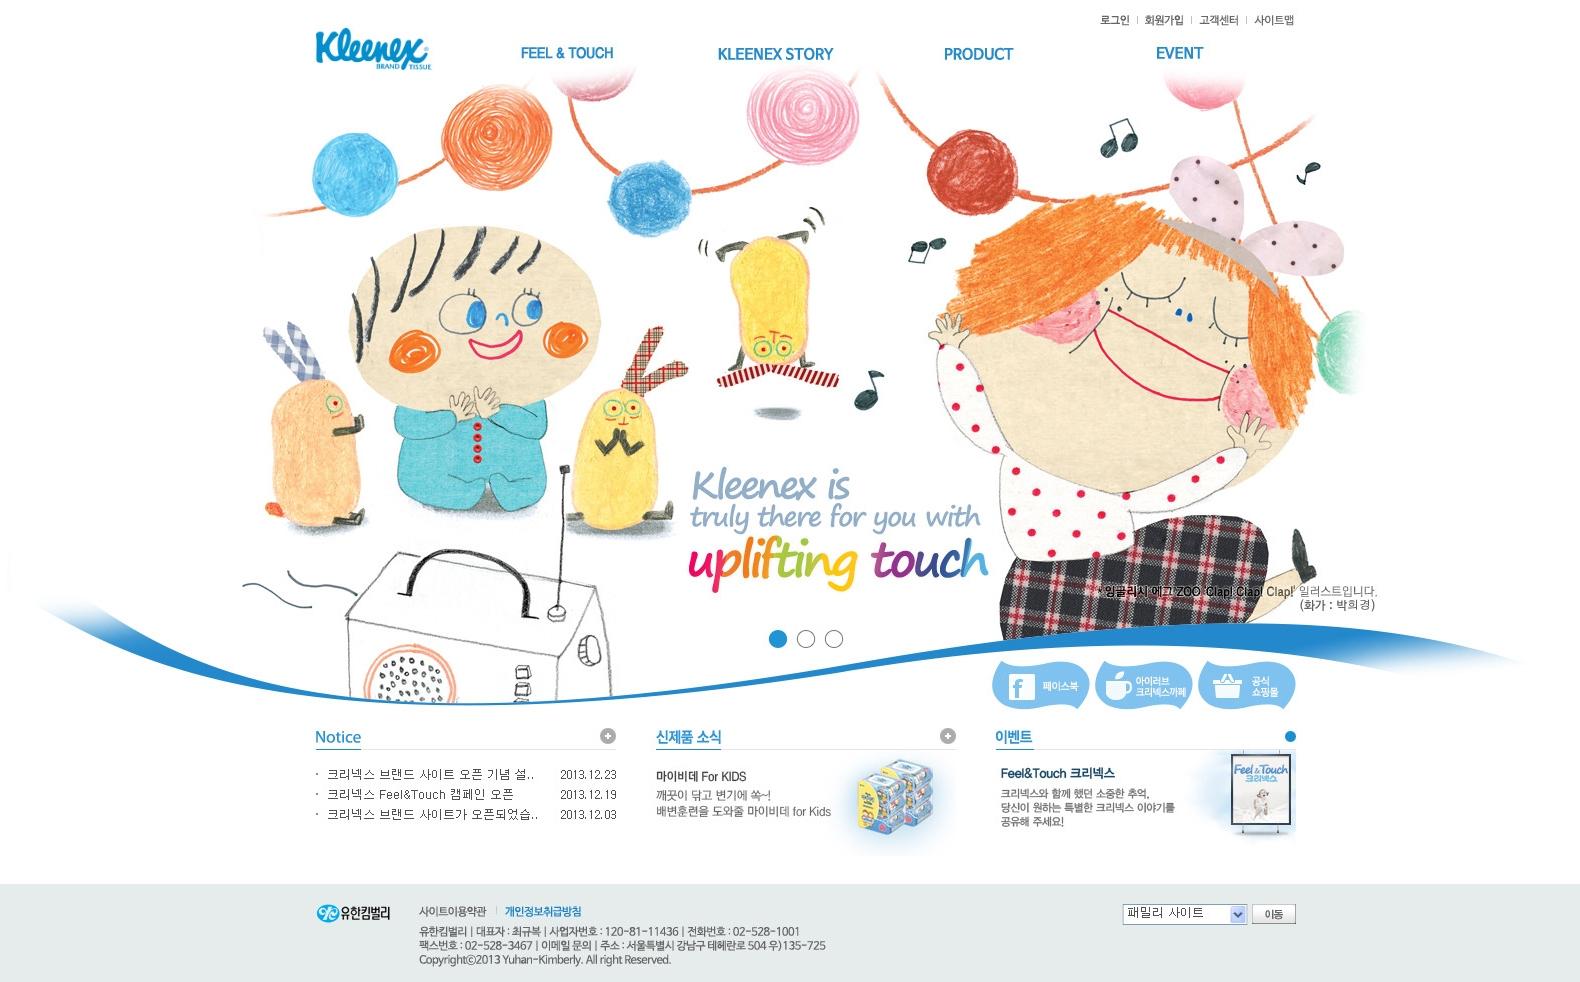 韩国kleenex舒洁儿童面巾纸产品展示酷站!